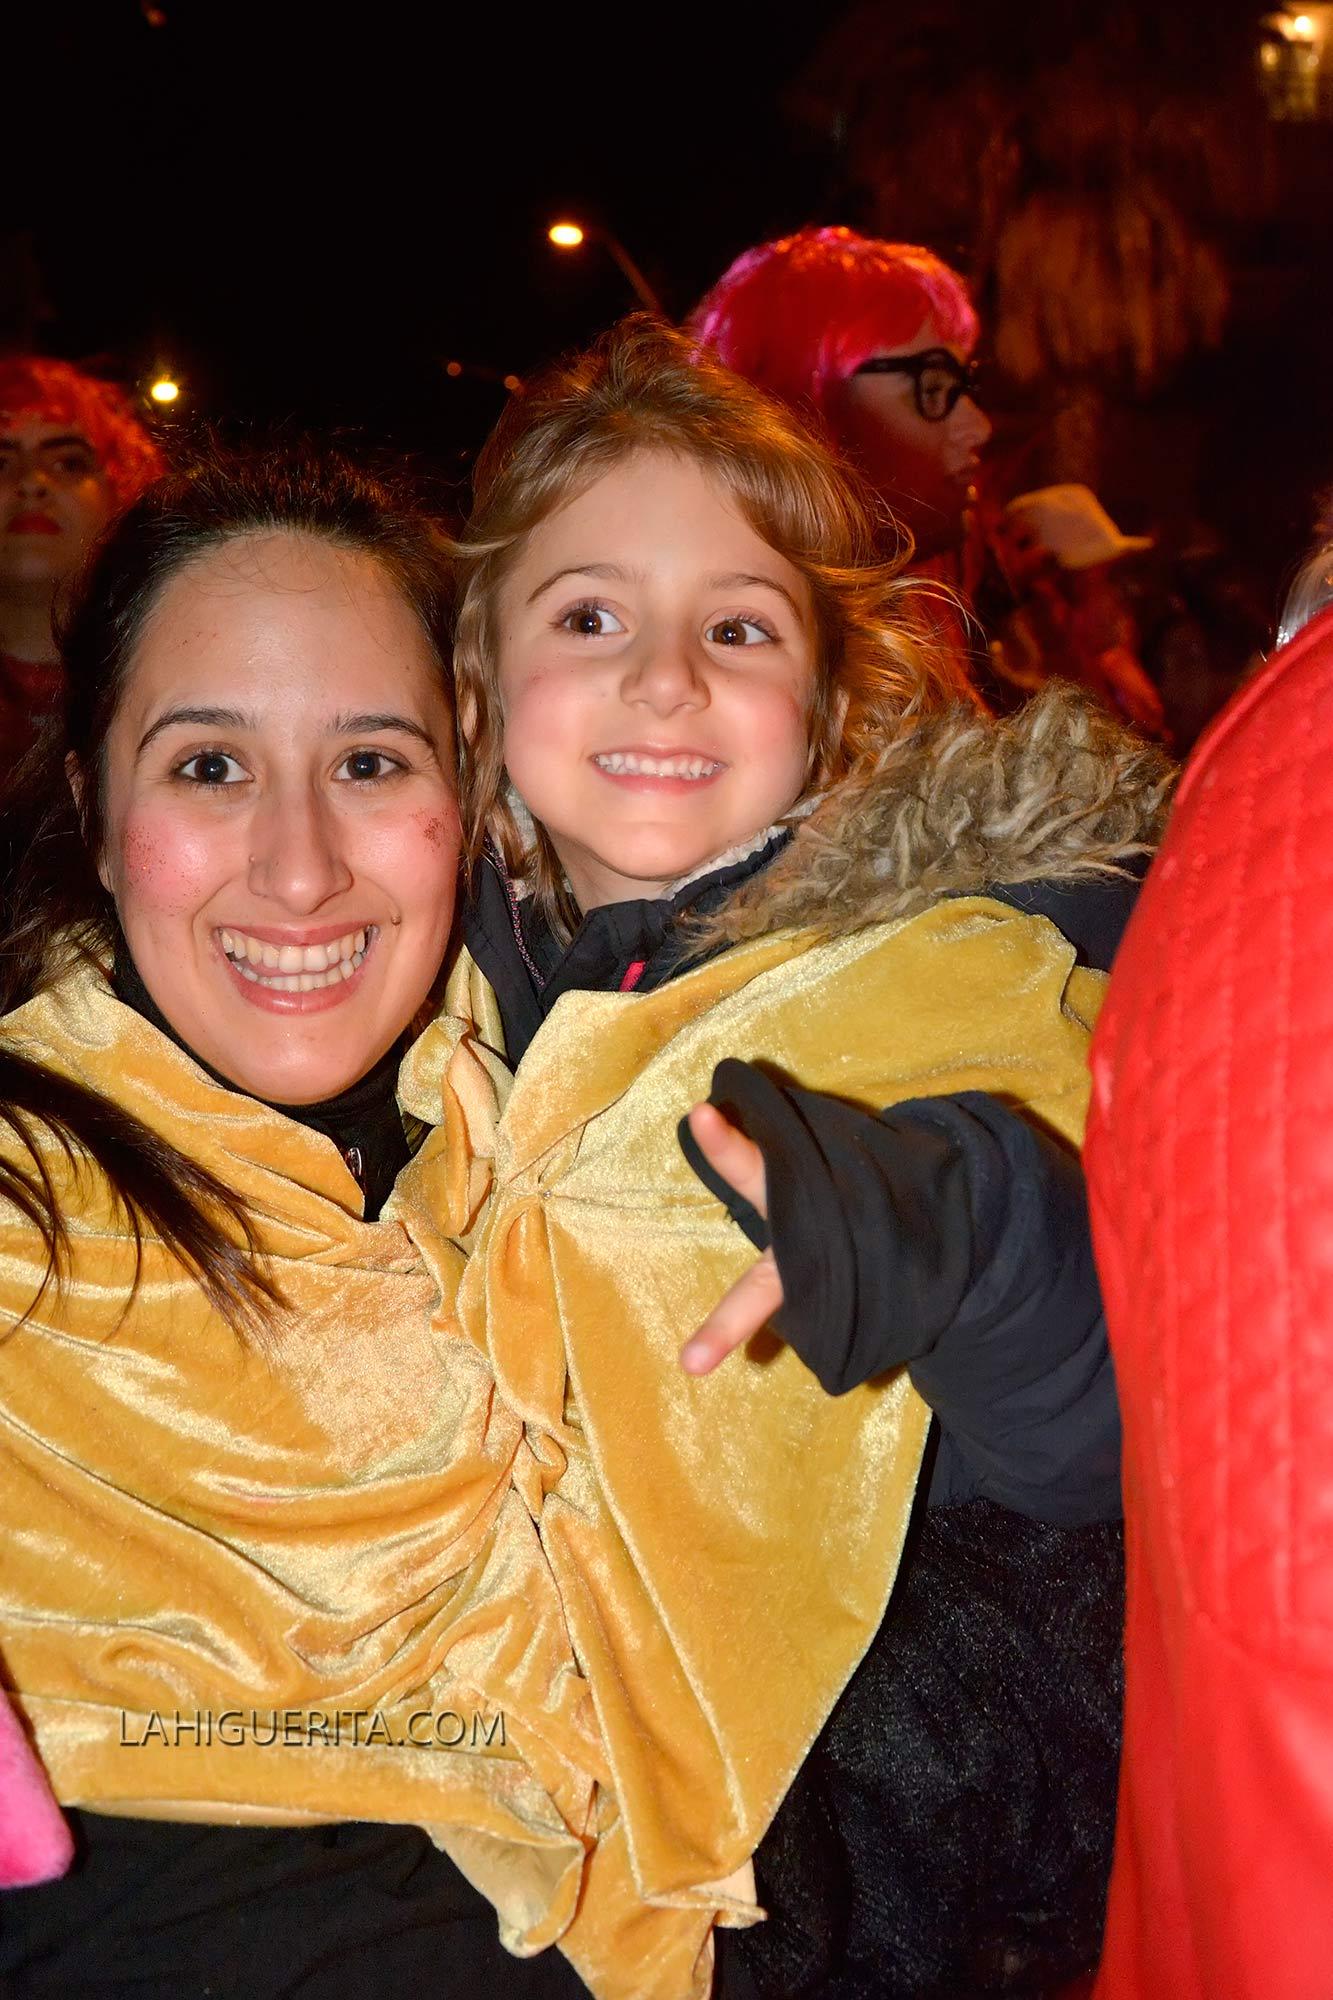 Entierro de la sardina carnaval isla cristina _DSC2458